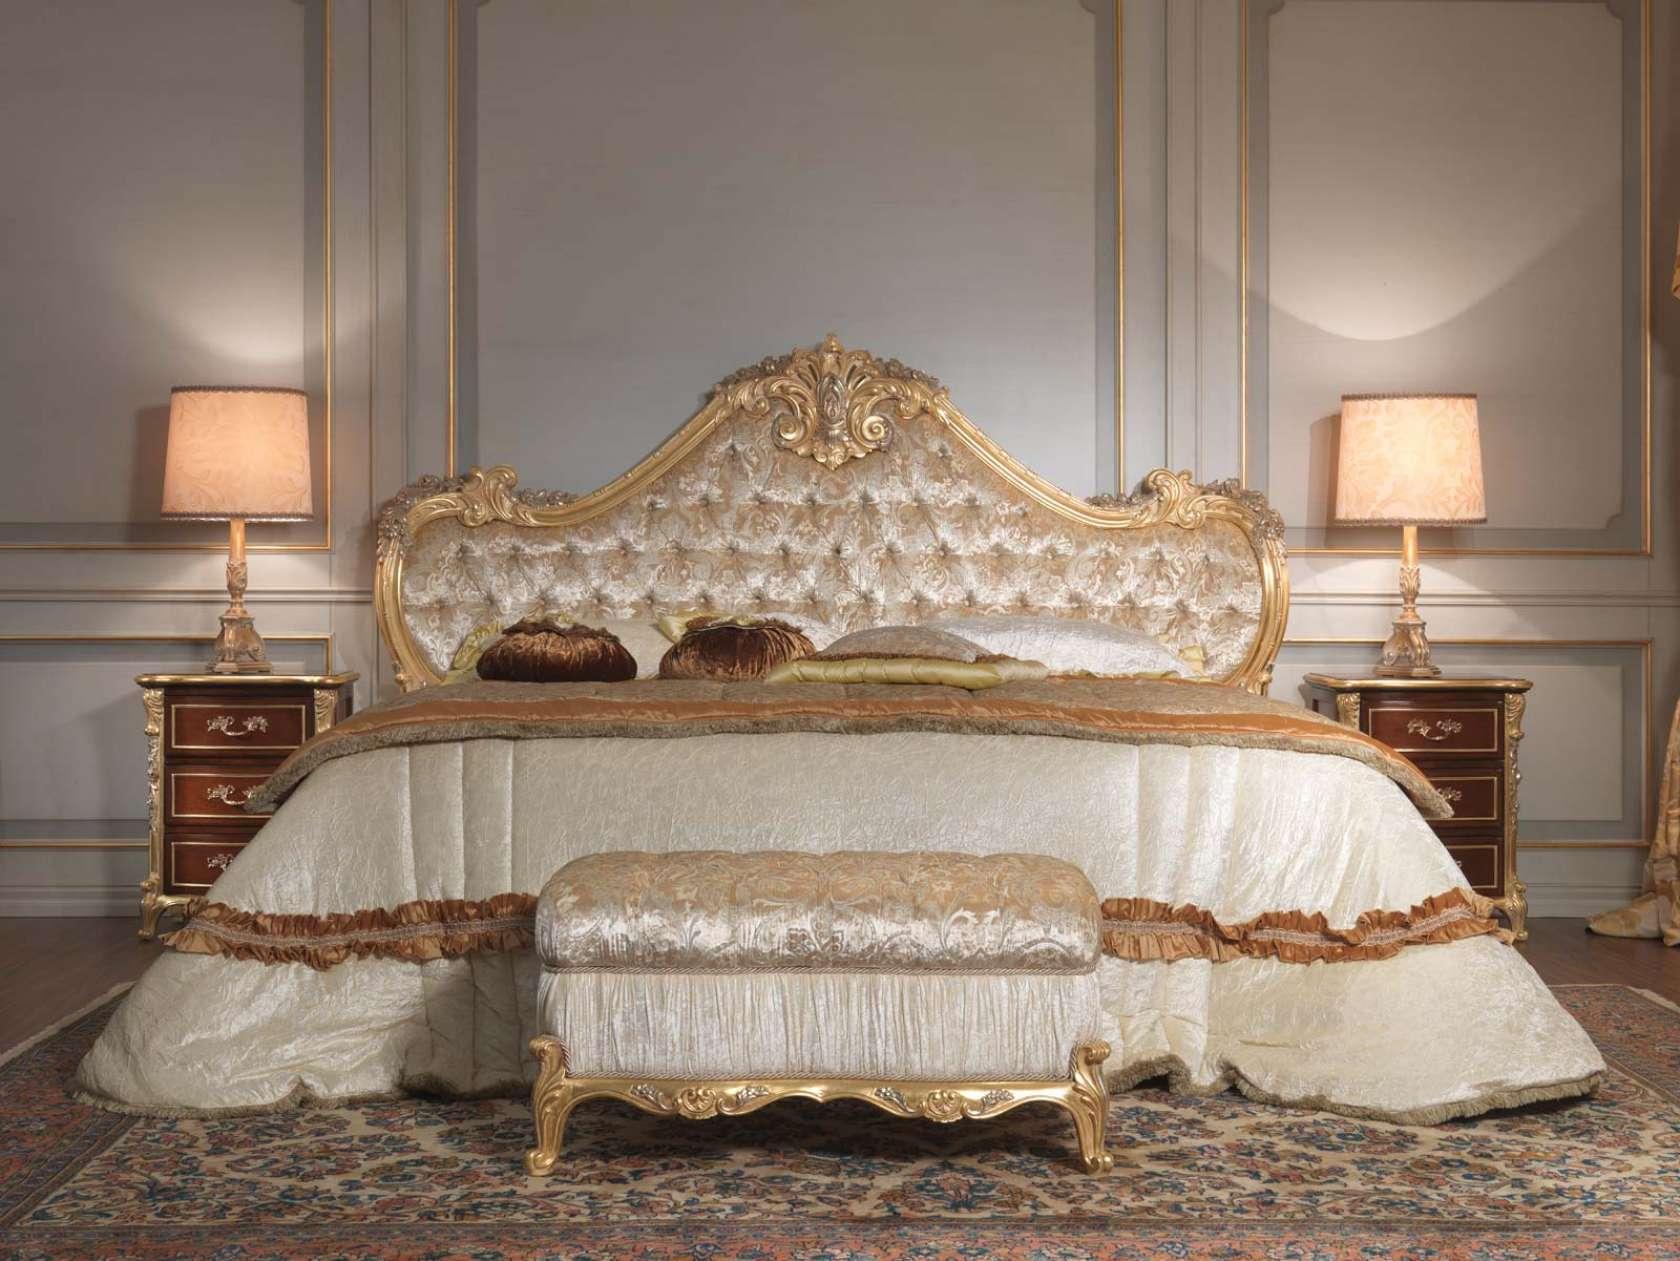 Camera da letto classica 700 italiano, letto, panca ...